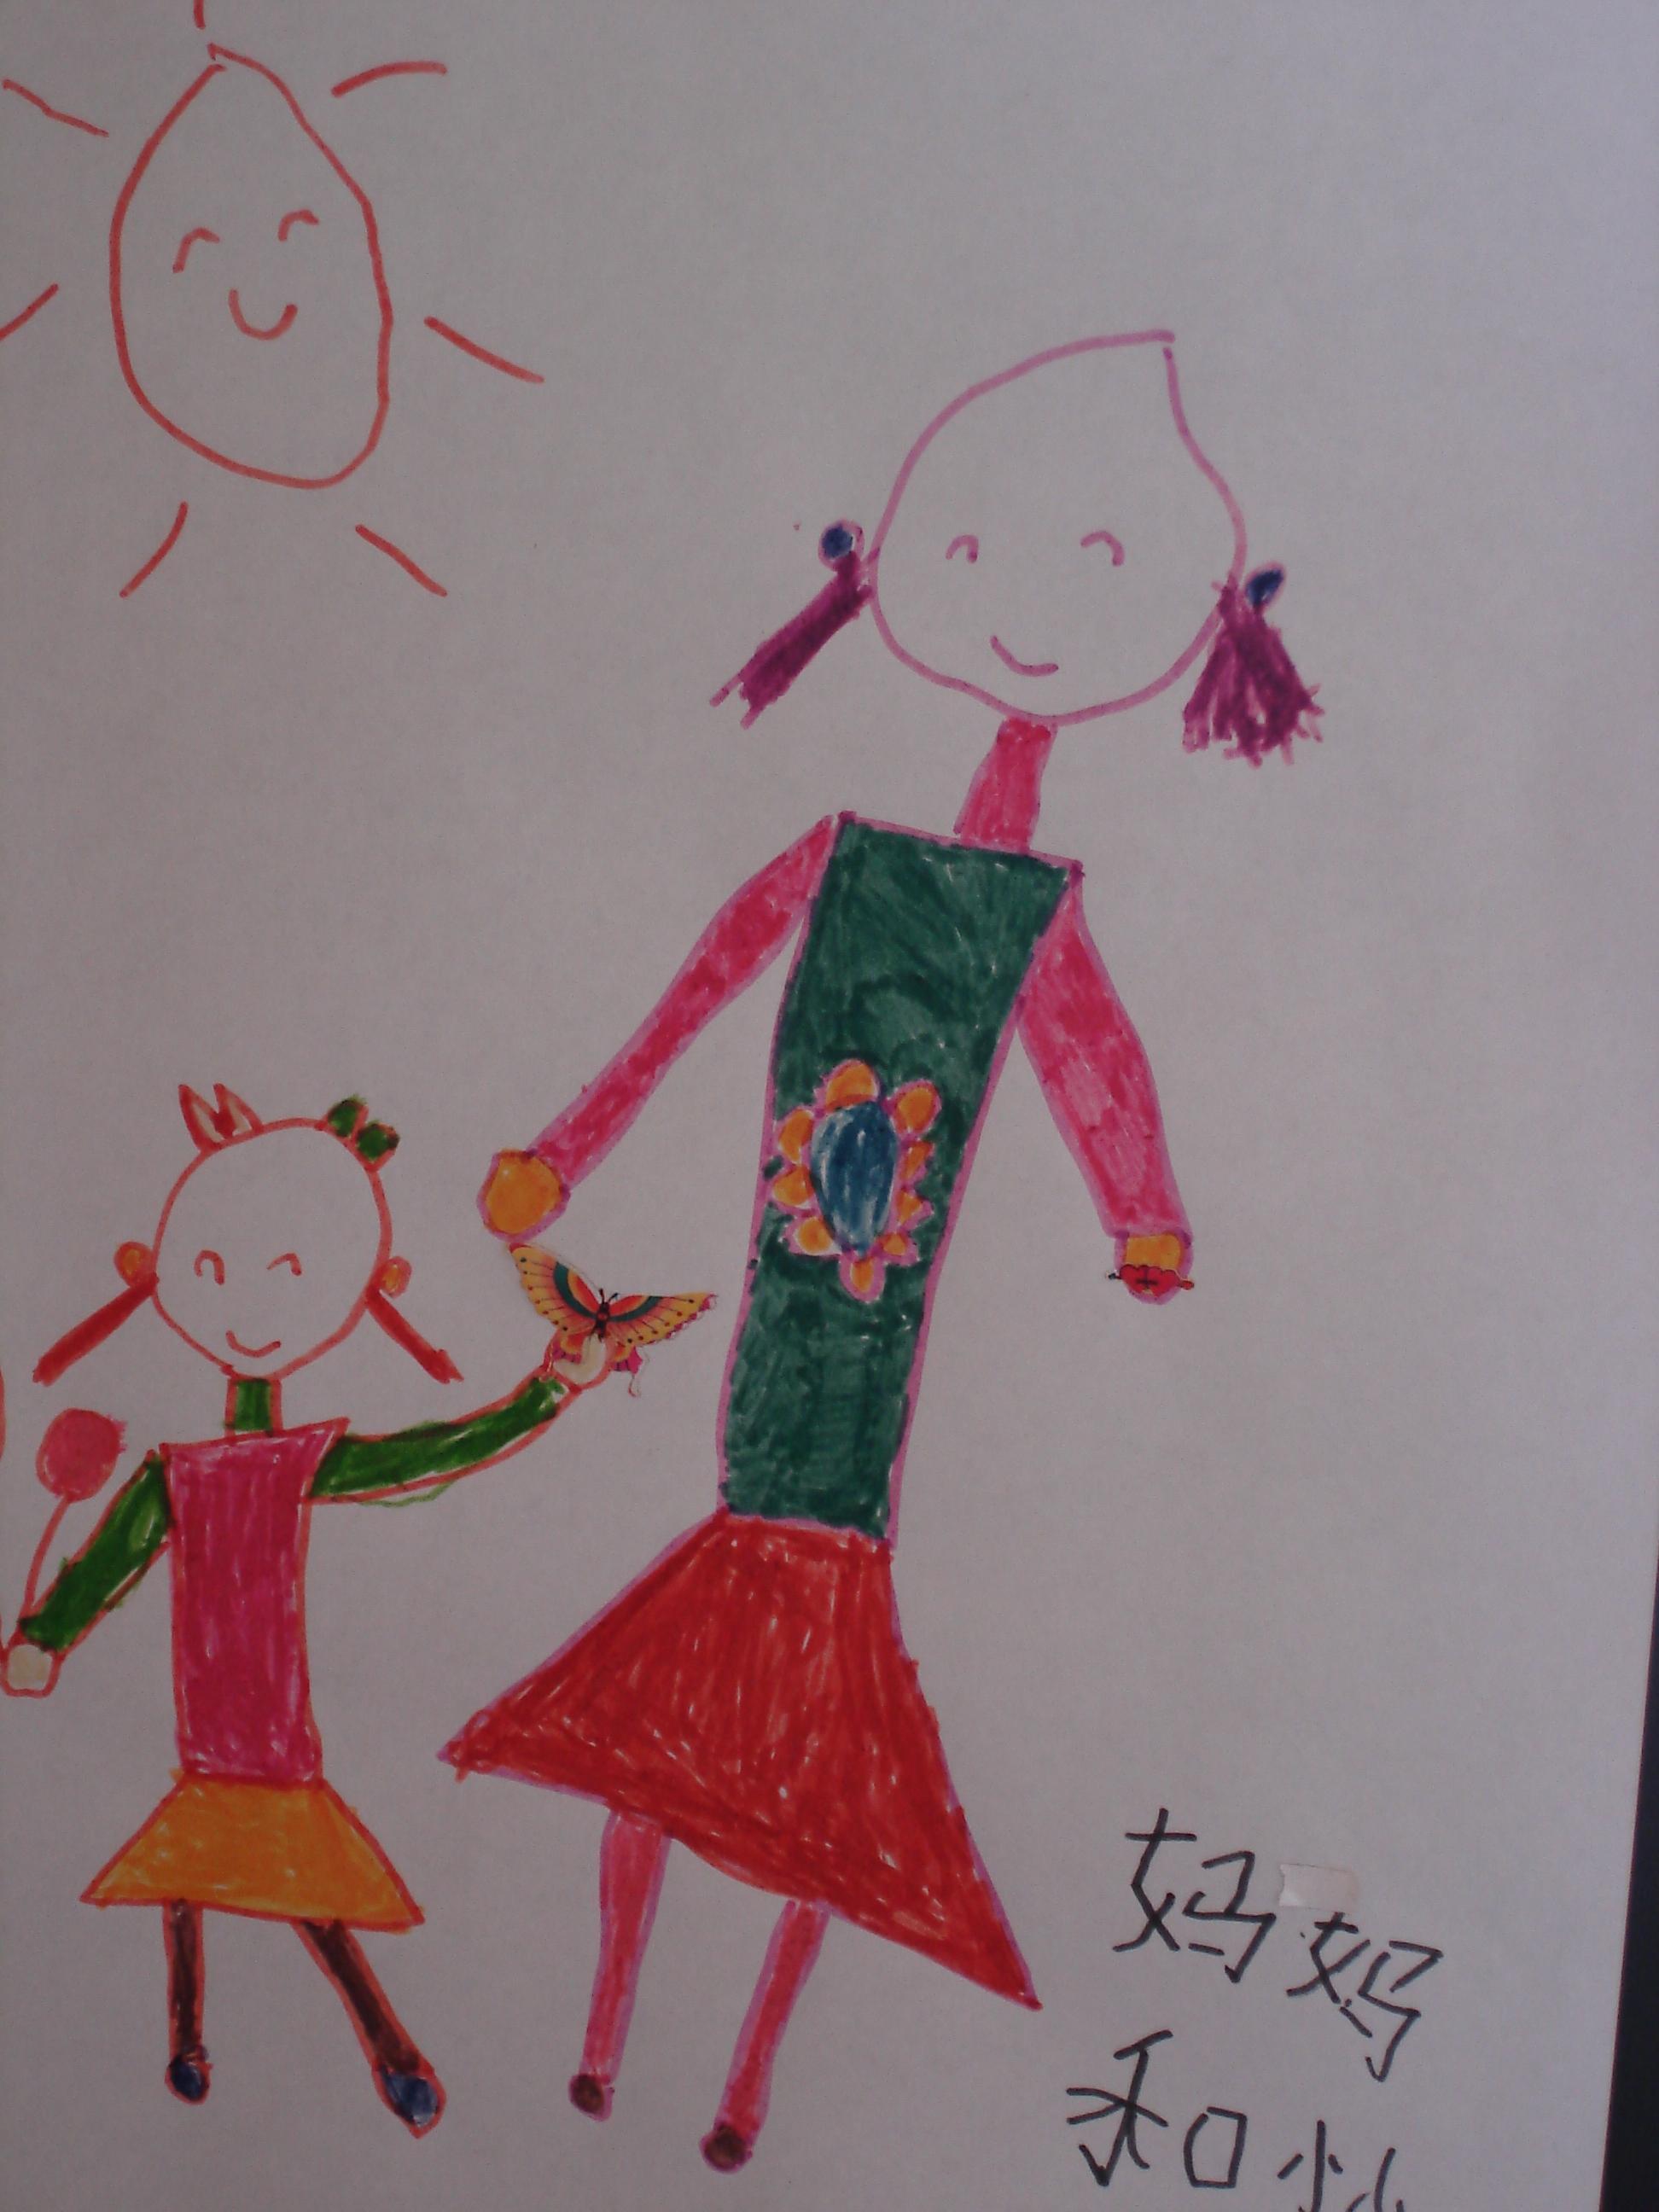 这是幼儿园时候的涂鸦